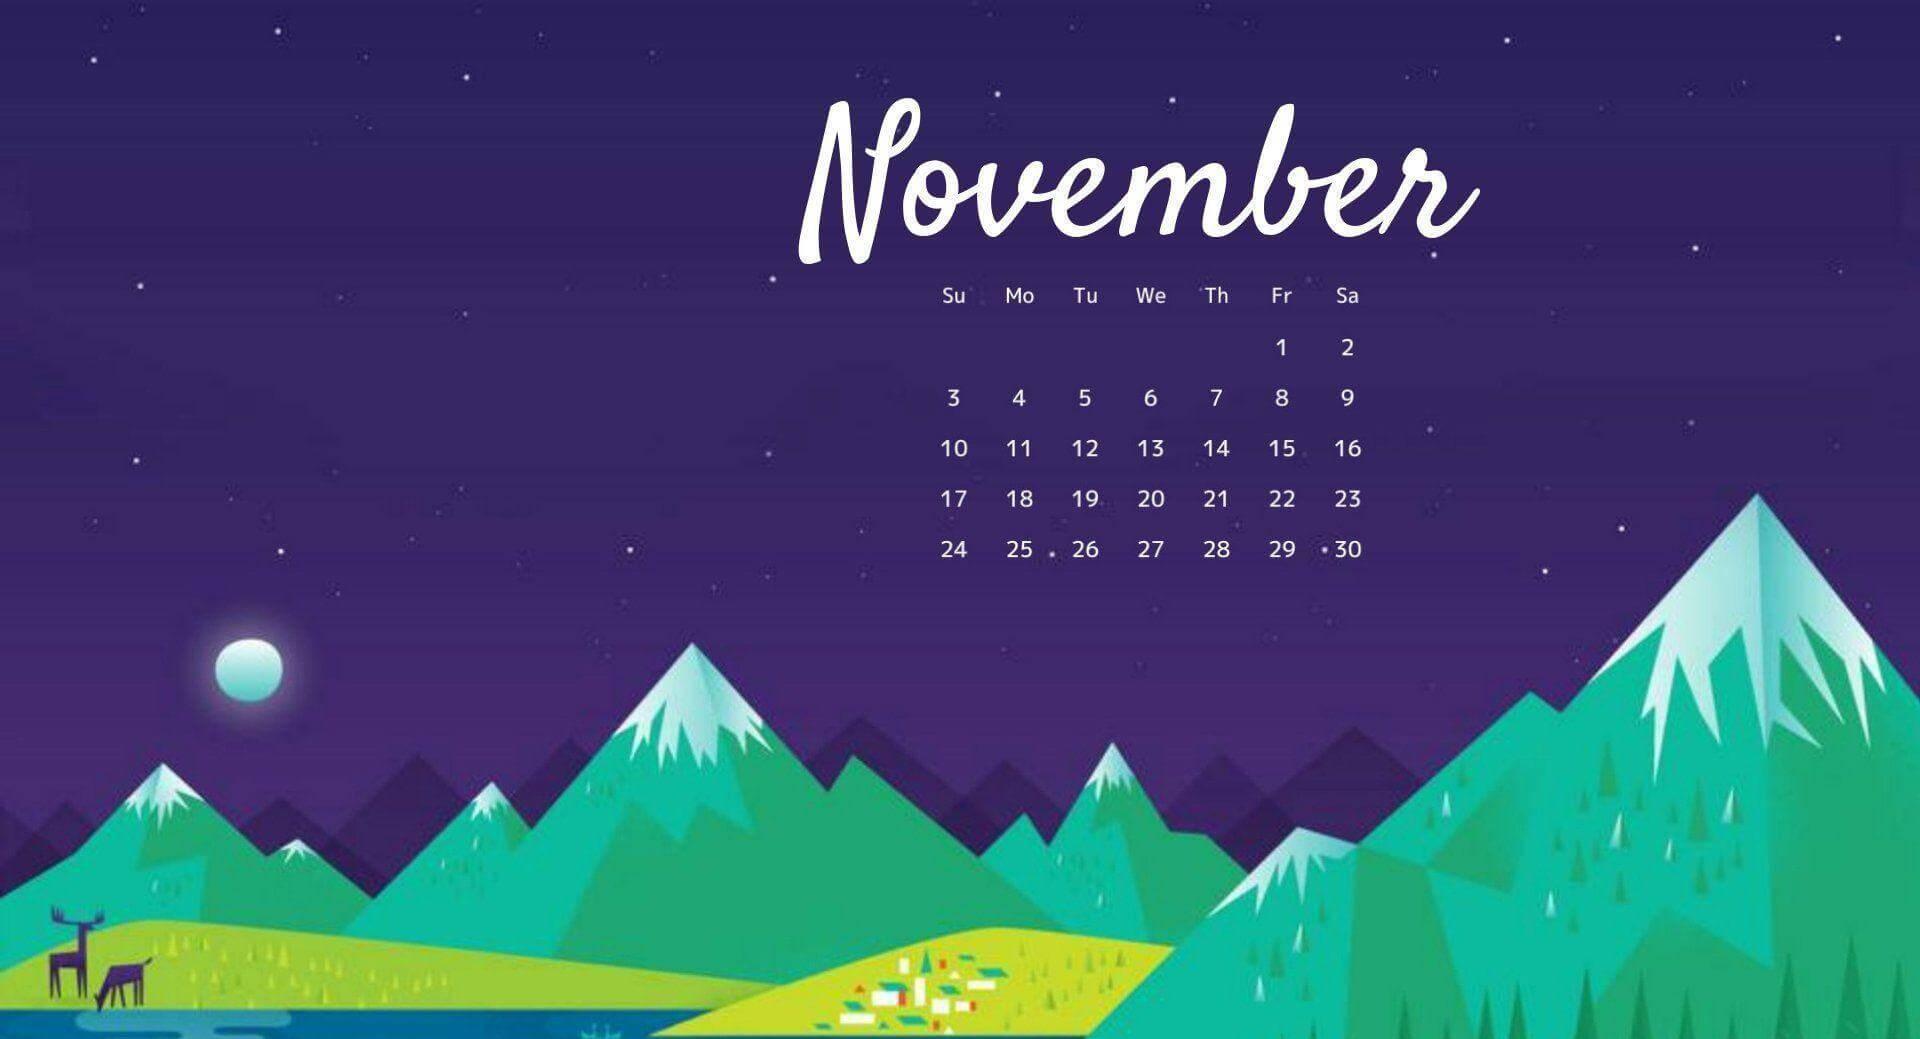 Beautiful November 2020 Calendar Wallpaper